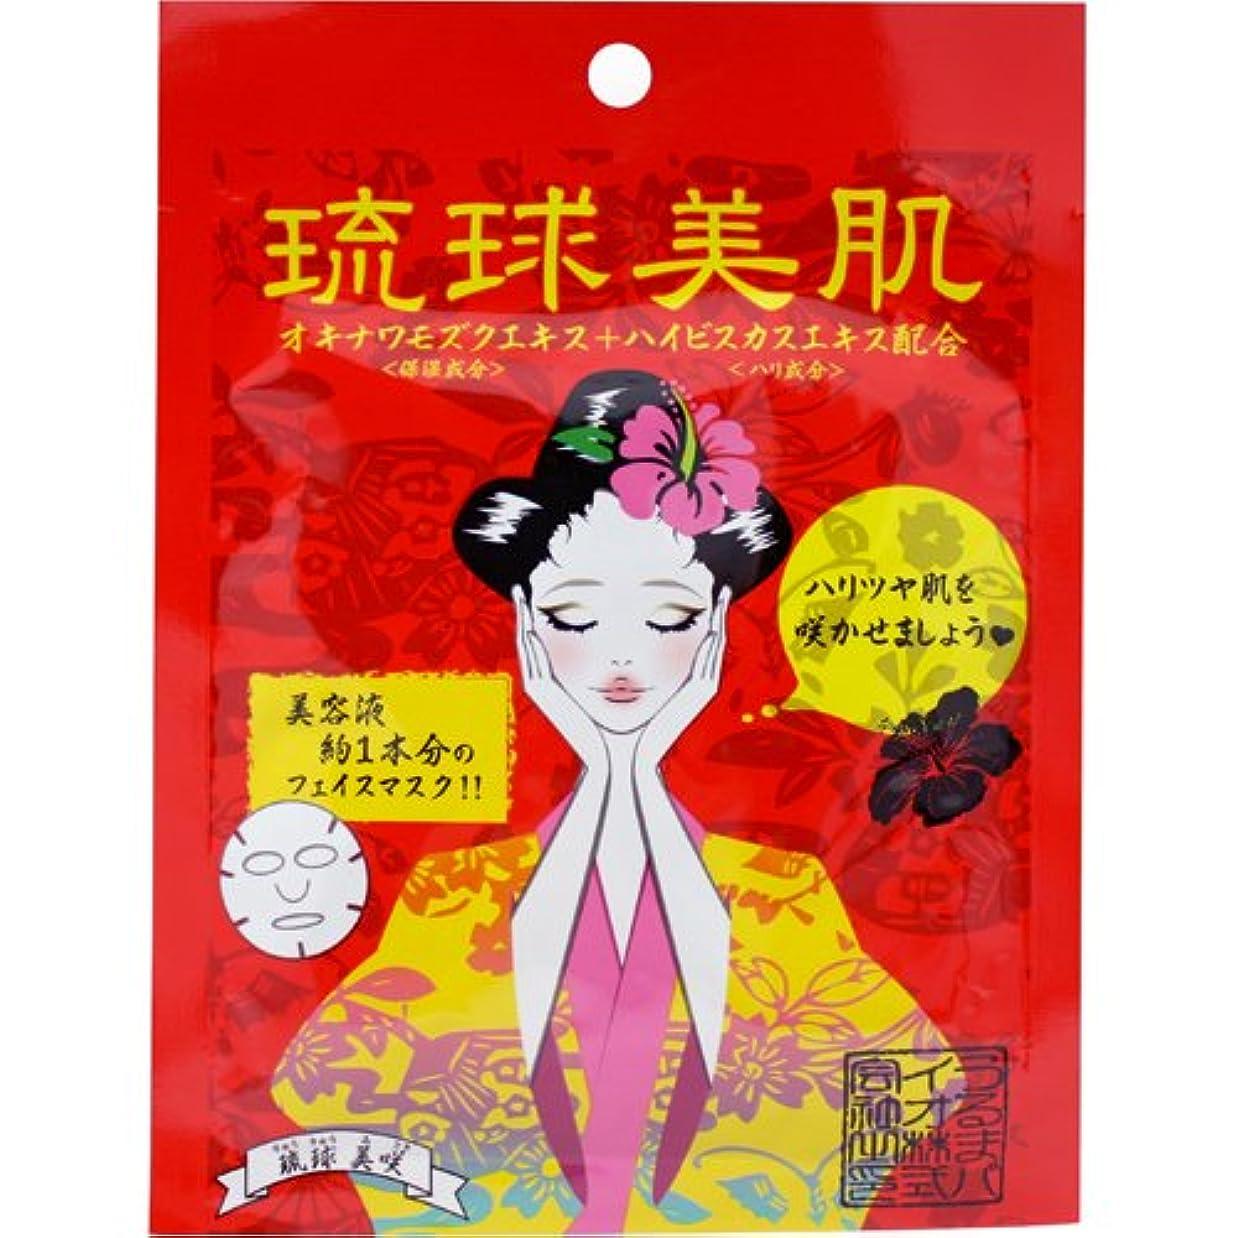 困惑する無数の煙琉球美肌フェイスマスクシート 赤(ハイビスカスの香り)×10パック